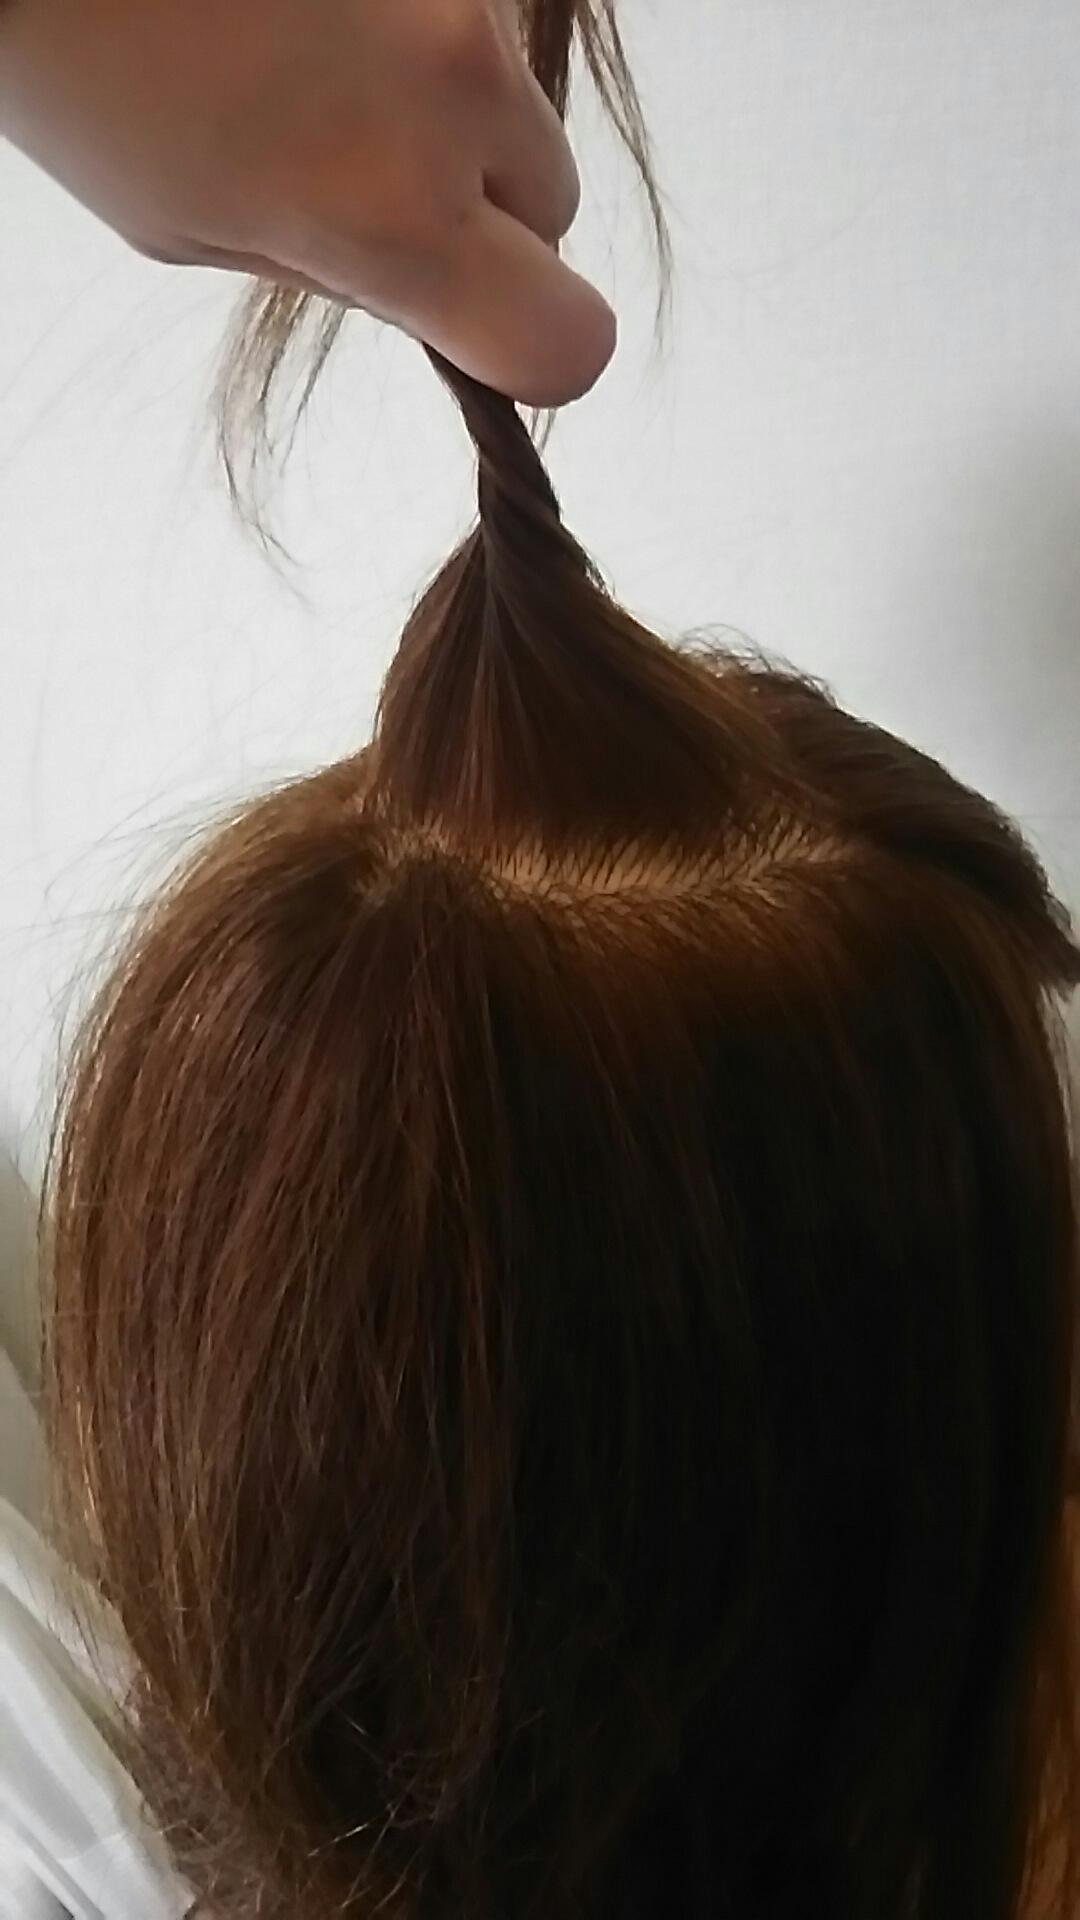 ボブ 盛り髪 やり方